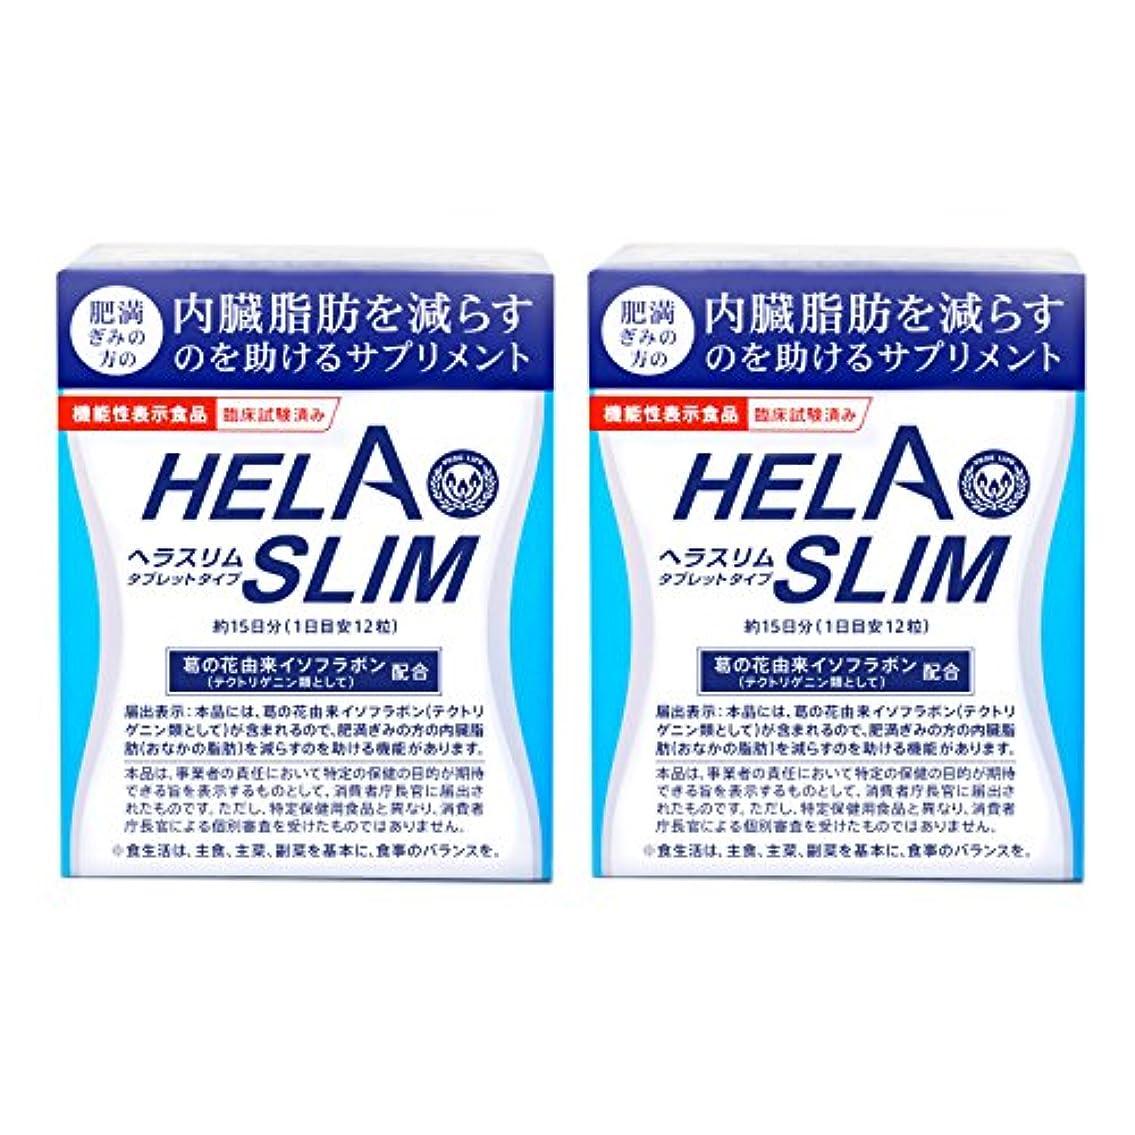 キャベツペレットまもなく【2箱セット】HELASLIM ヘラスリム(180粒入15日分)【機能性表示食品】【臨床試験済】